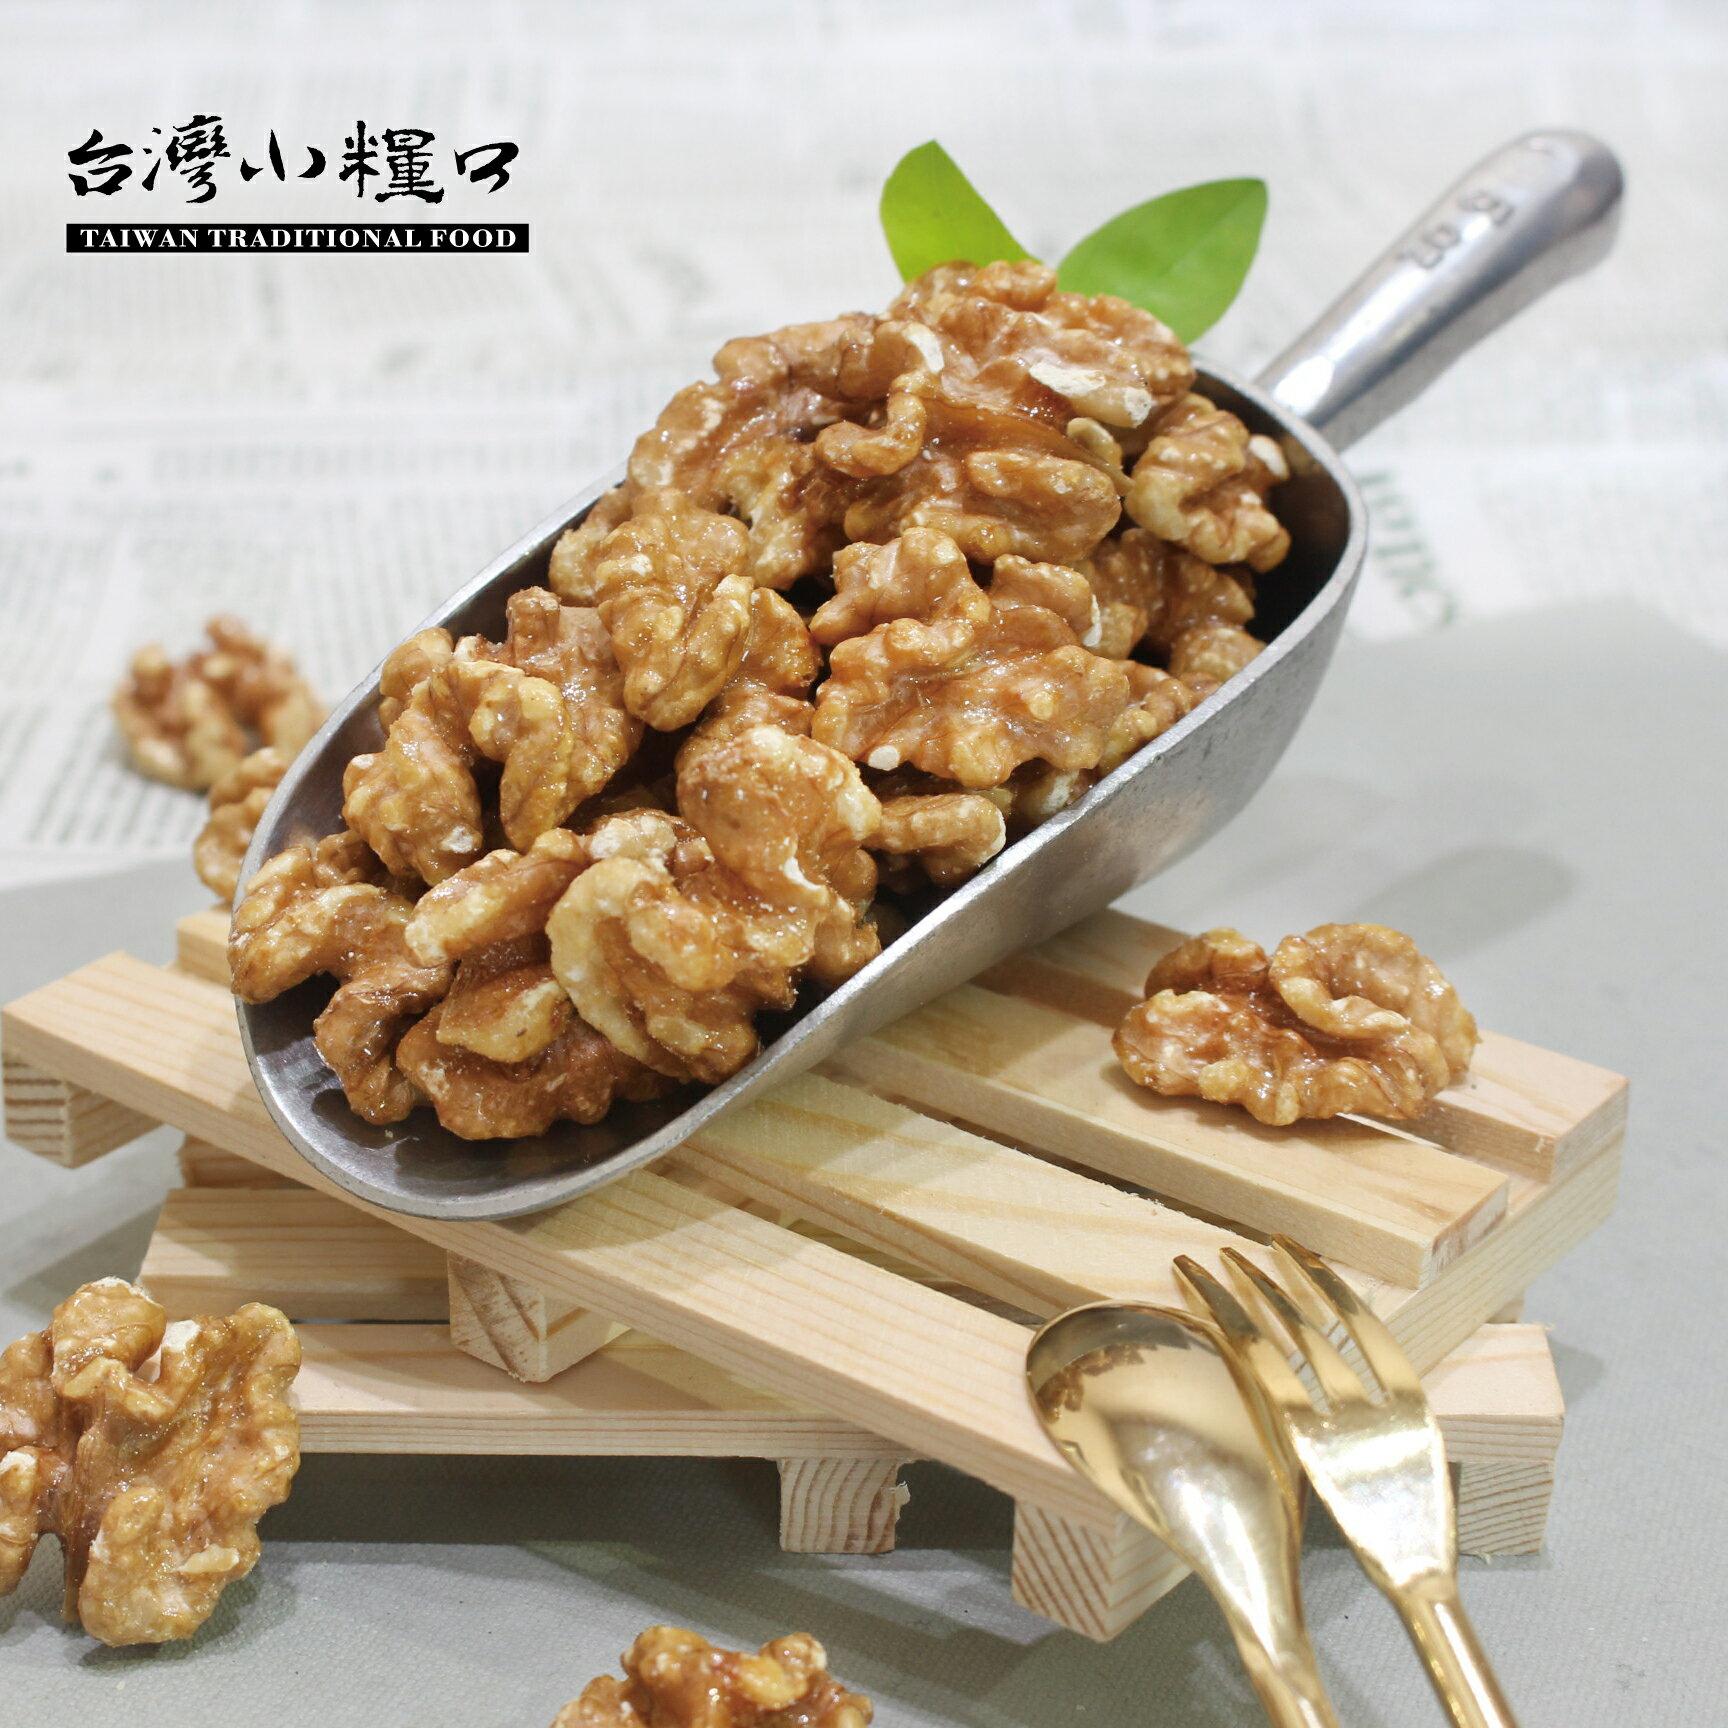 【台灣小糧口】香脆堅果 ● 楓糖核桃150g - 限時優惠好康折扣